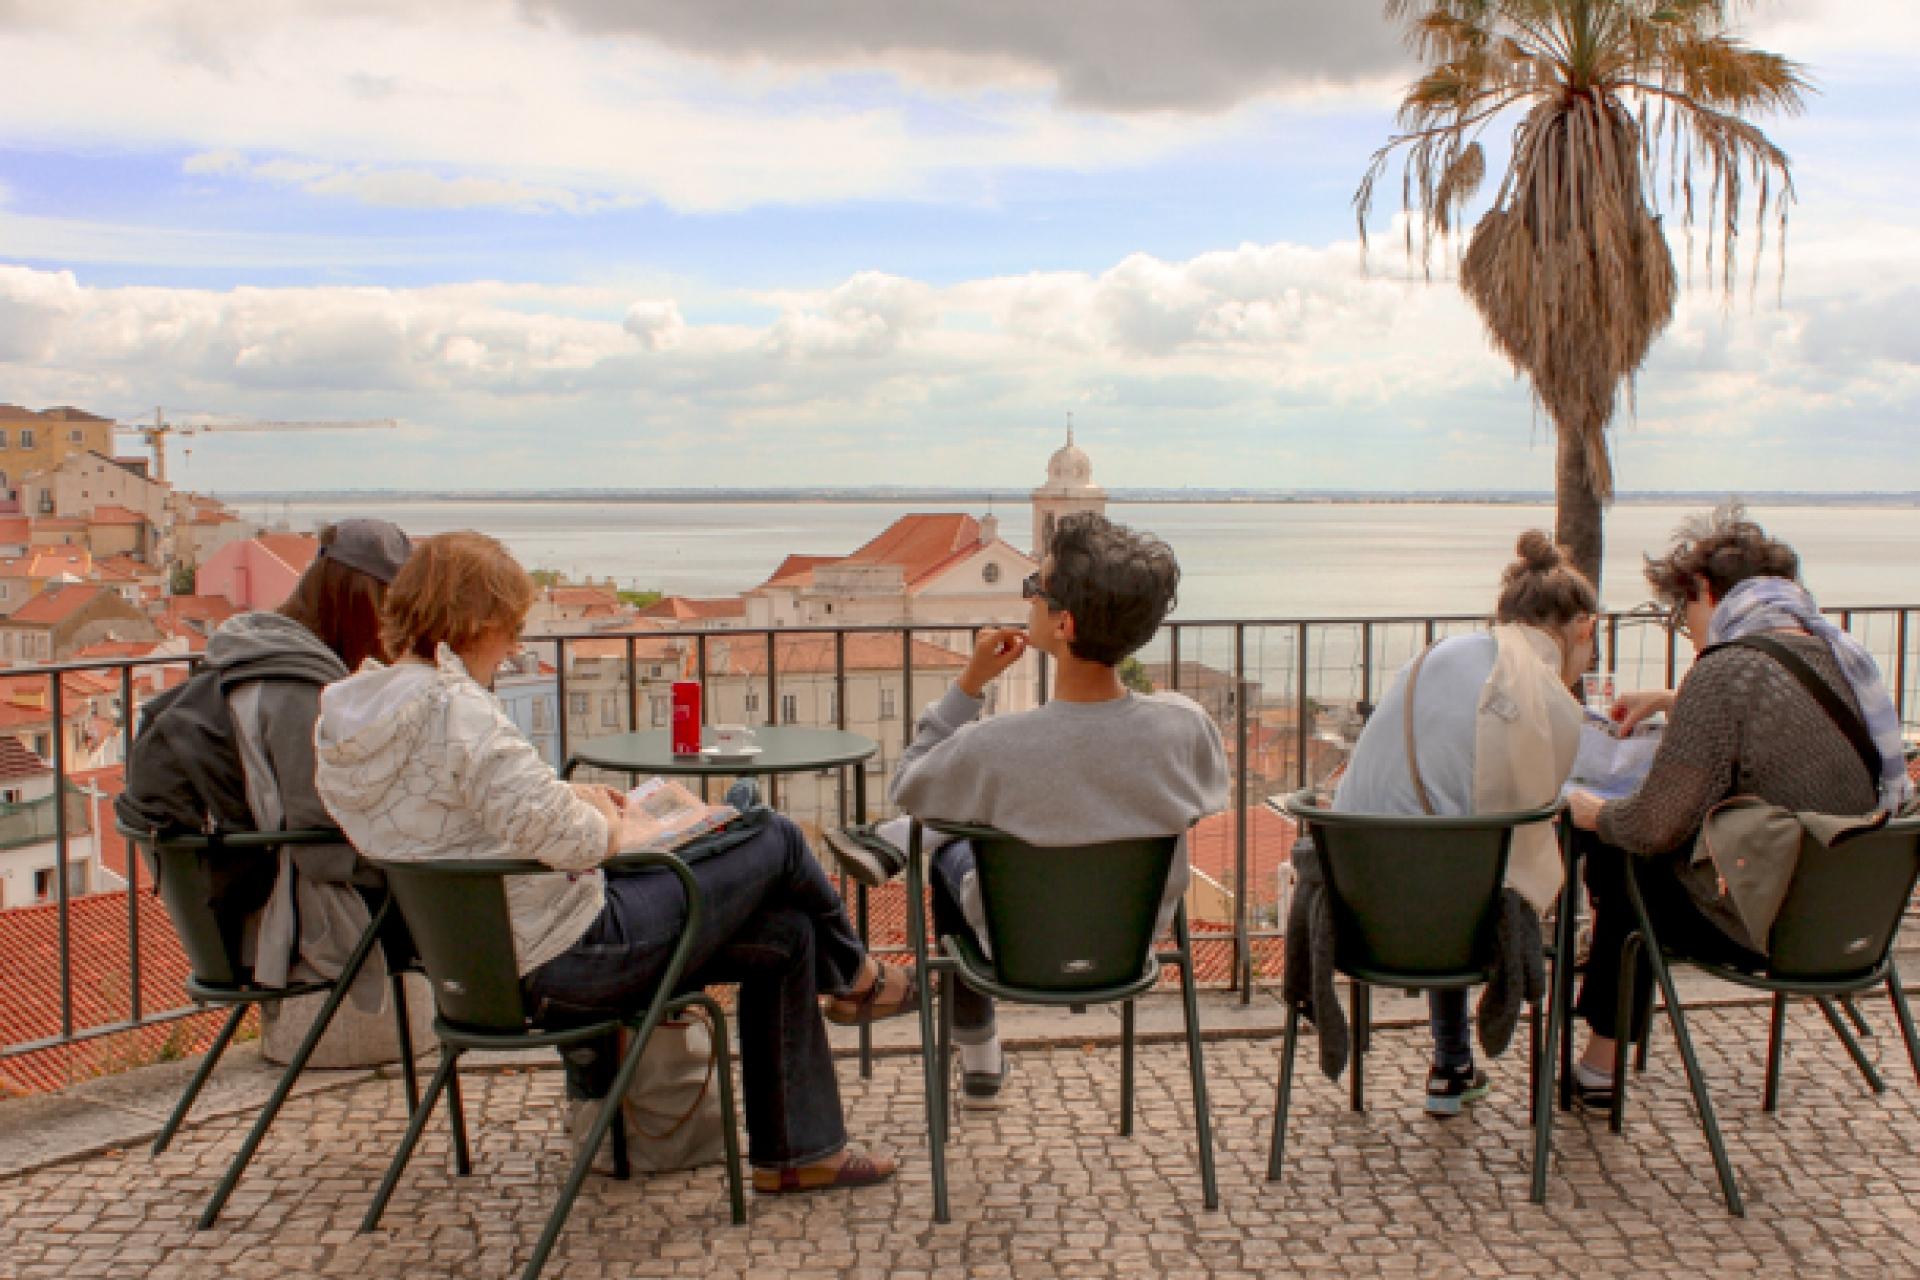 Lisboa Cool - Melhores Miradouros - Miradouro Portas do Sol